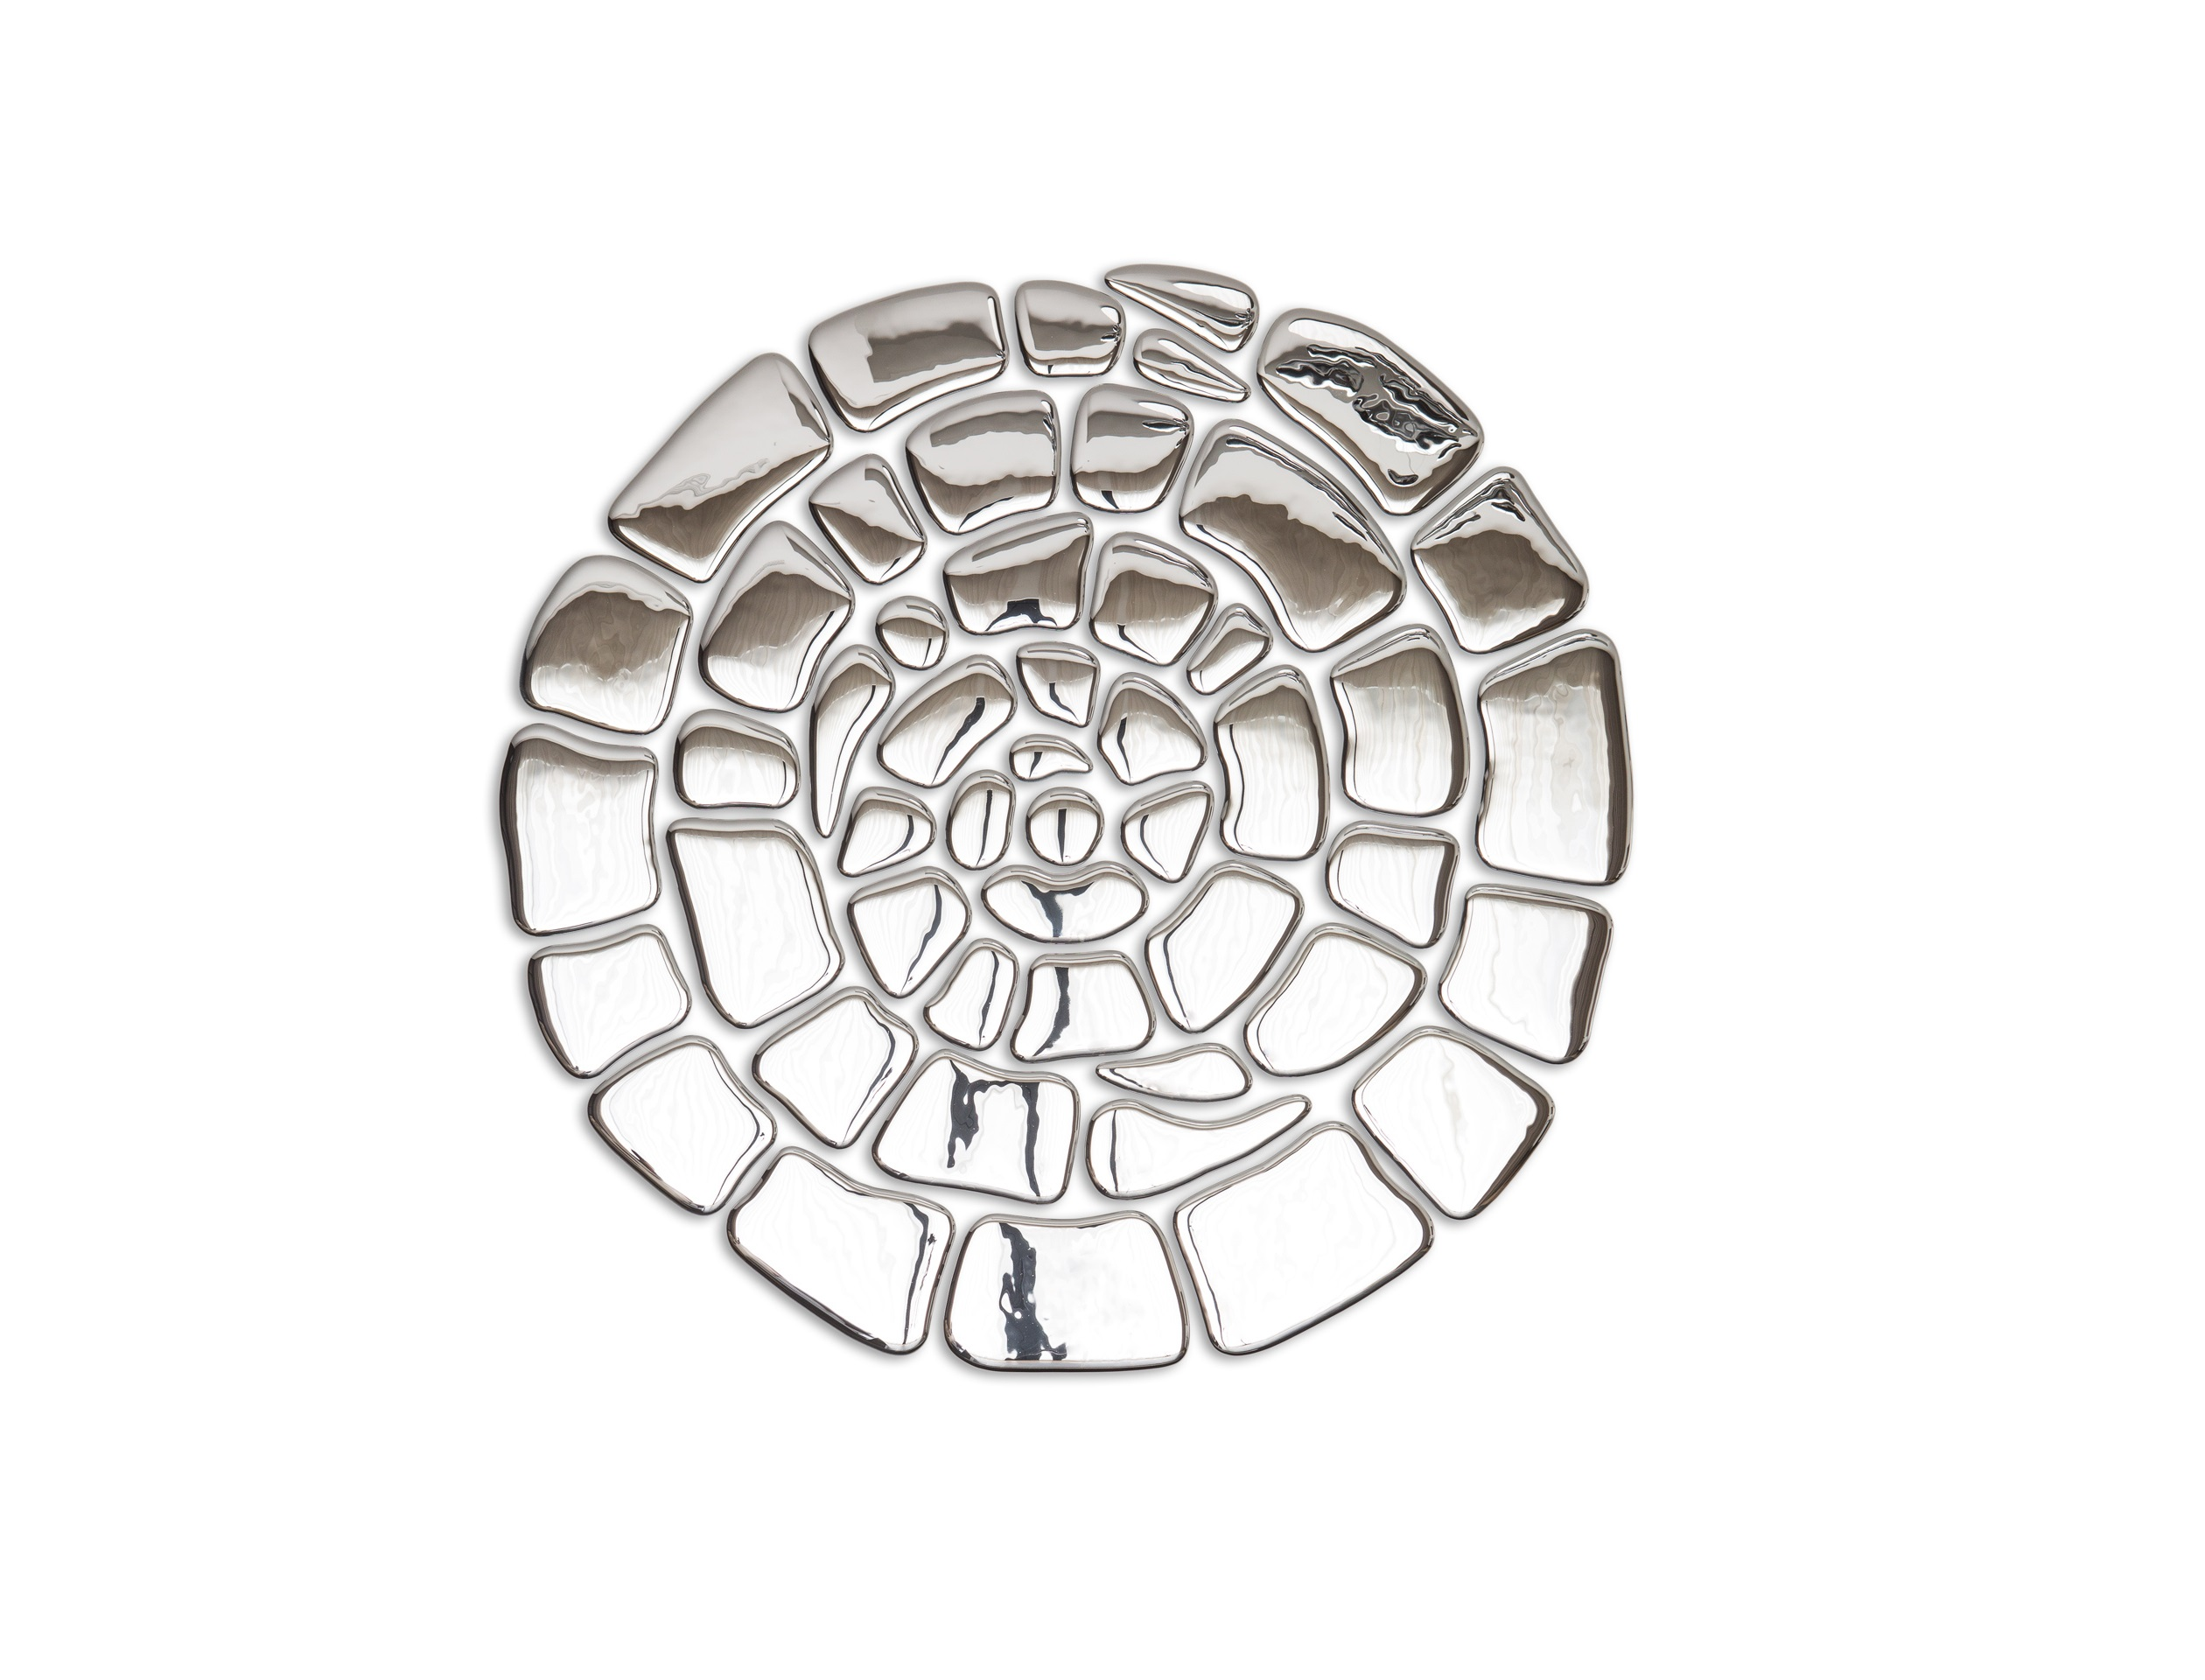 Композиция Спираль SilverПанно<br>Бесспорный символ бесконечности, собранный из зеркальных элементов отражает истинную сущность происходящего. С древнейших времен люди используют символ спирали в декоративных узорах и росписях. В современном мире спираль все также популярна. Символ круговорота в природе. Символ бесконечности бытия. Можно дать сотню толкований этому символу. Но один факт остается бесспорным: Спираль, состоящая из зеркальных элементов — это, красиво, стильно и необычно. Зеркальные элементы крепятся к поверхности с помощью клея. Клей в комплекте не идет. Есть трафарет.<br><br>Material: Стекло<br>Depth см: 1<br>Height см: None<br>Diameter см: 130